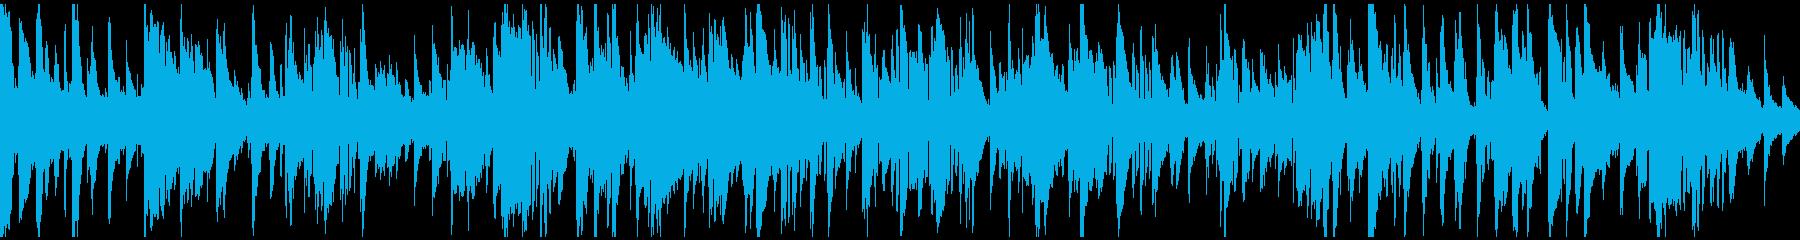 スケベ、セクシーなスロージャズ※ループ版の再生済みの波形